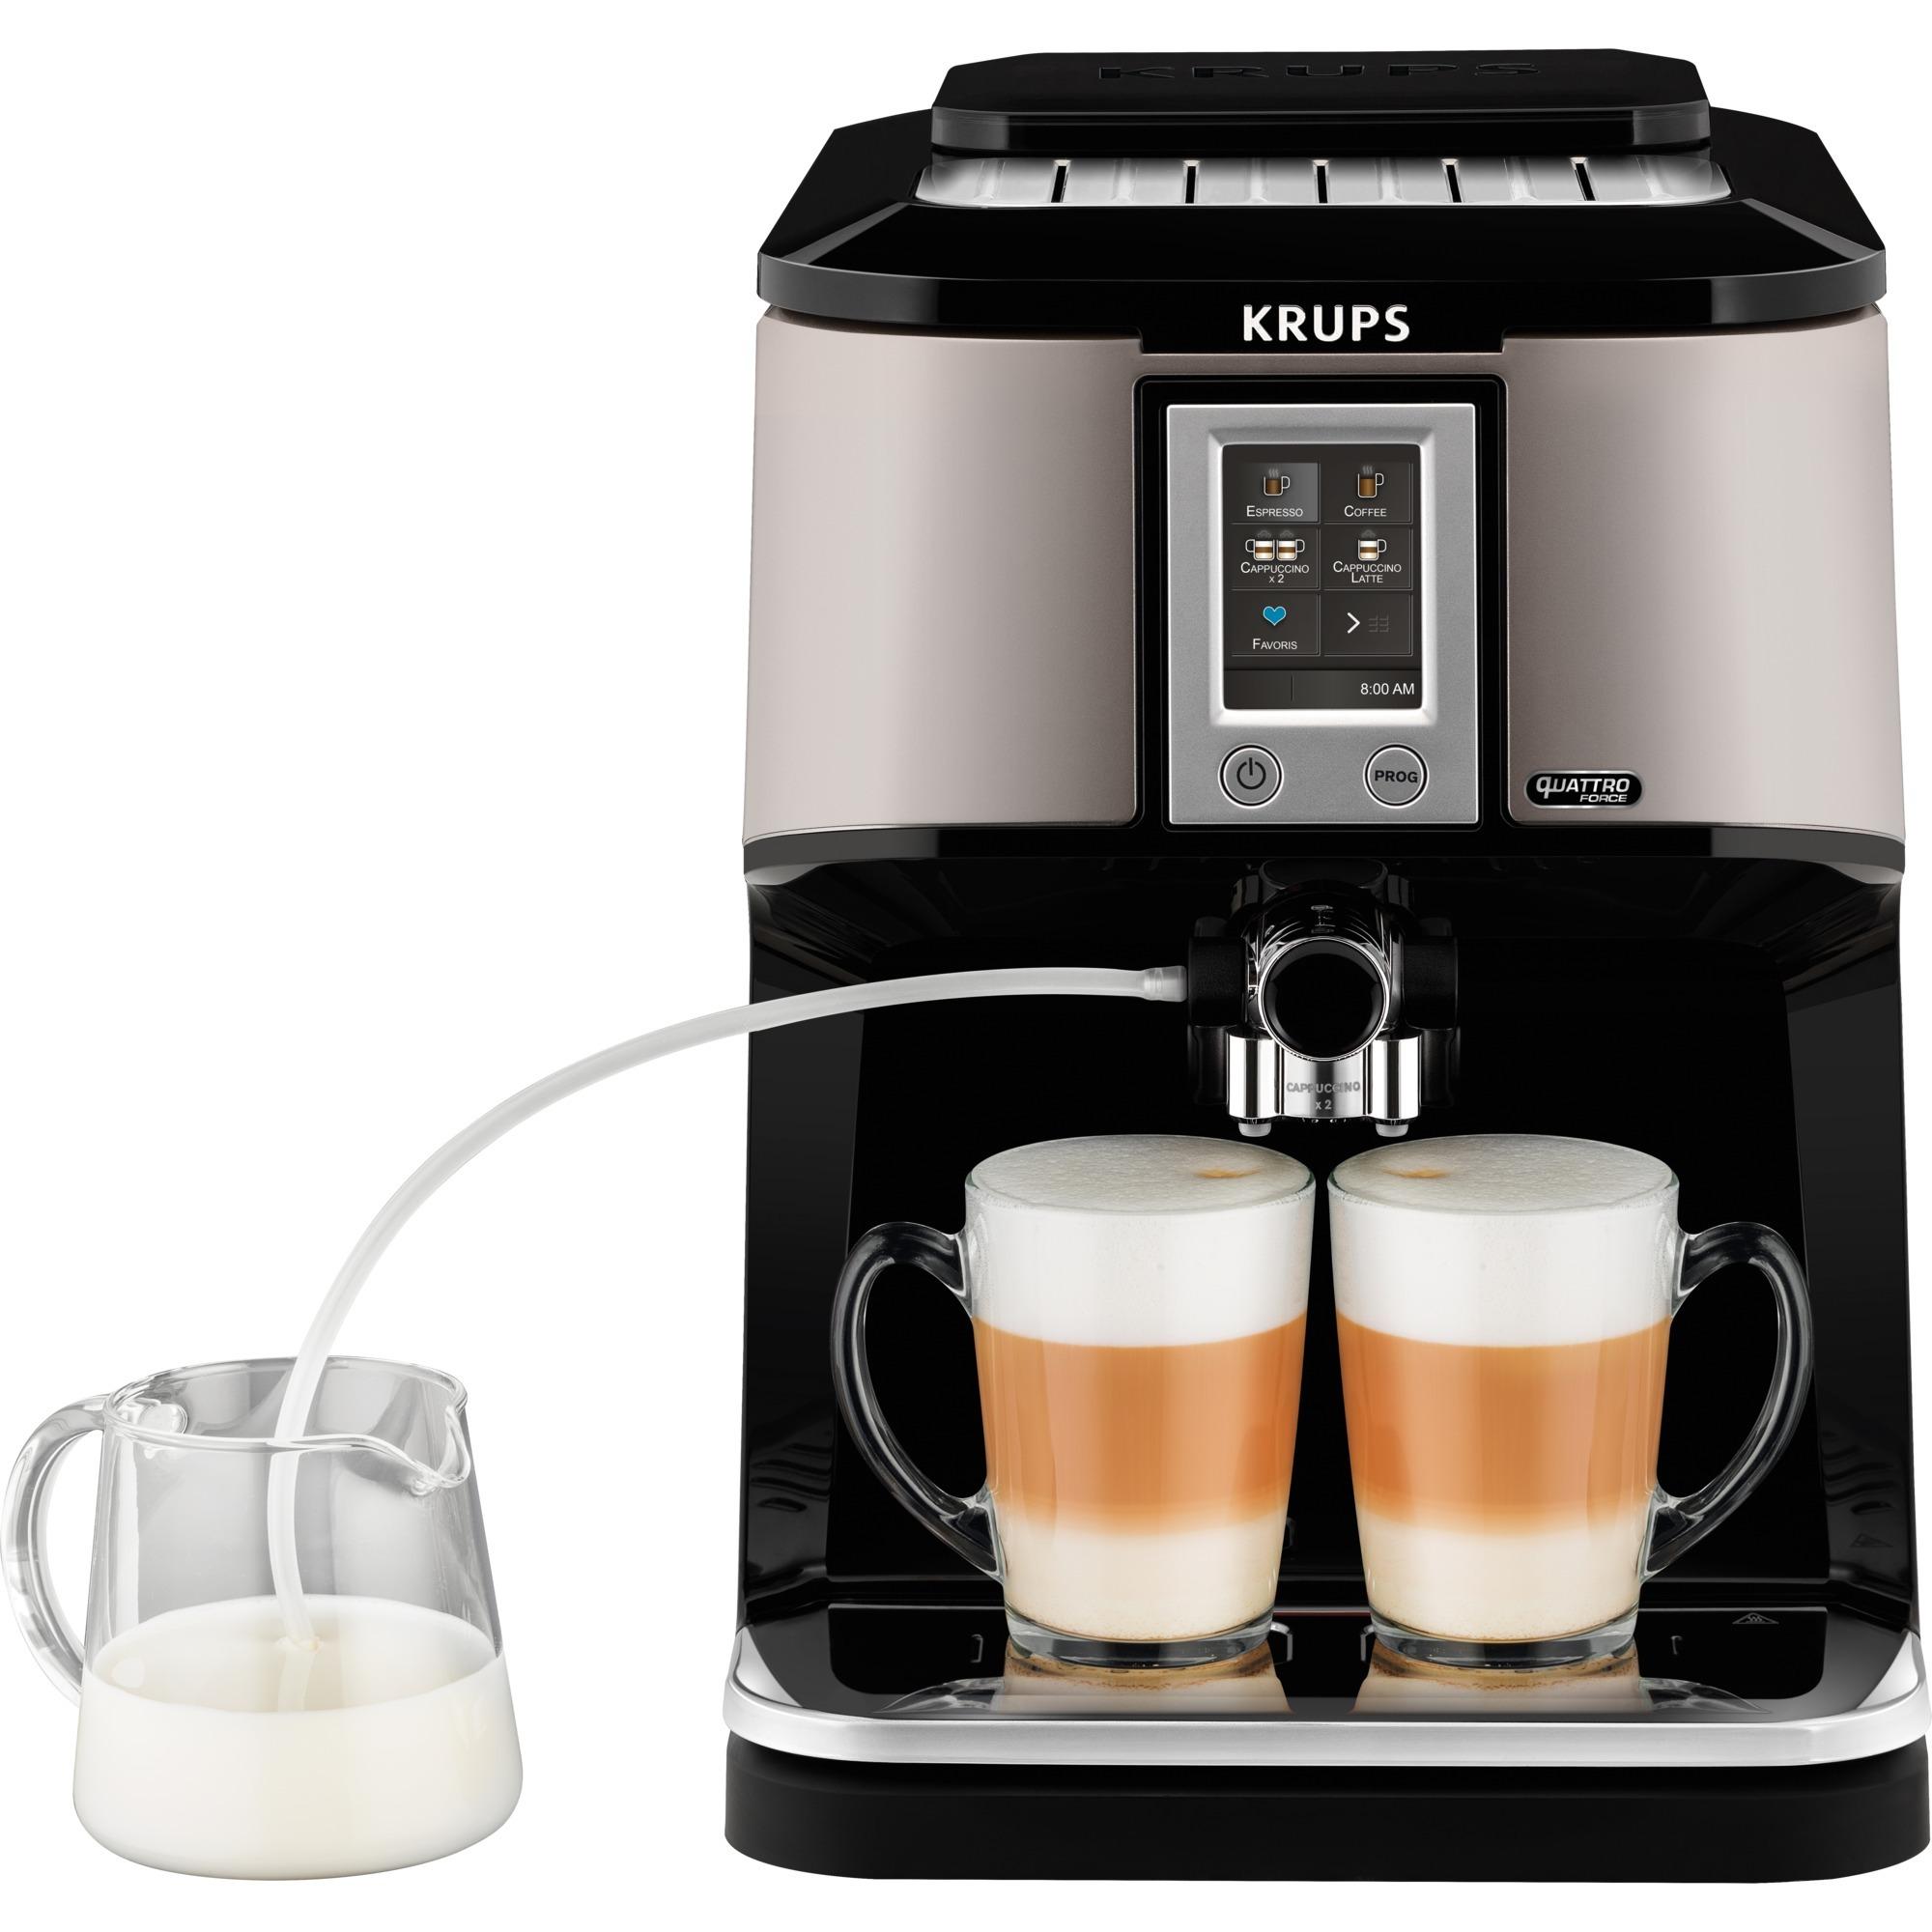 EA880E Autonome Entièrement automatique Machine à expresso 1.7L 12tasses Argent machine à café, Machine à café/Espresso